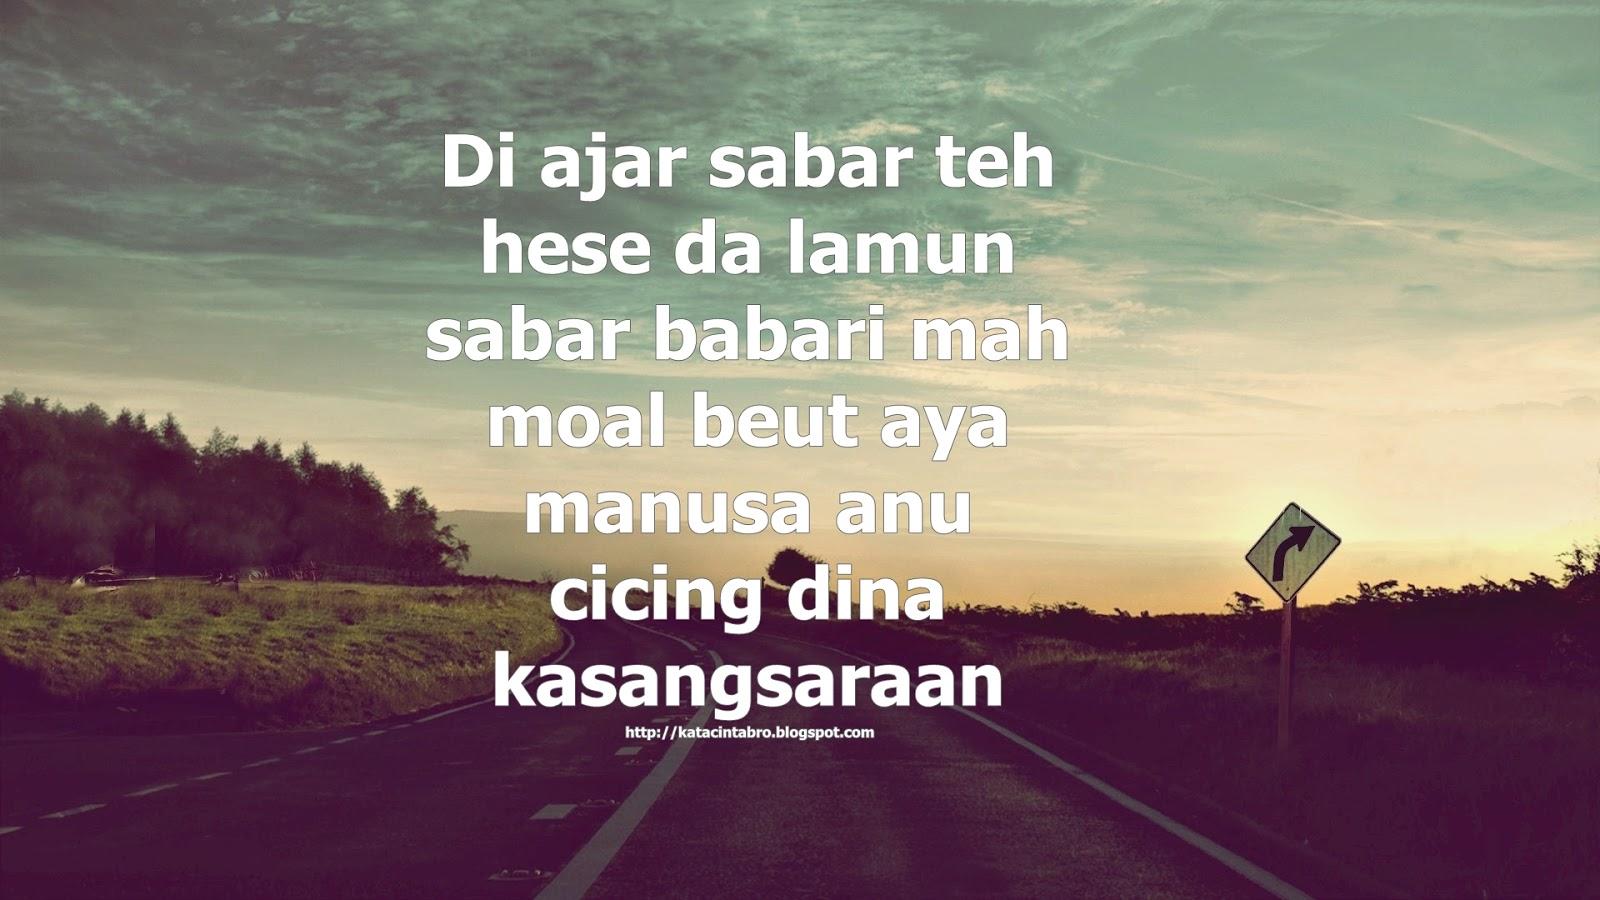 23 Kata Mutiara Cinta Bahasa Sunda Ideas Kata Mutiara Terbaru